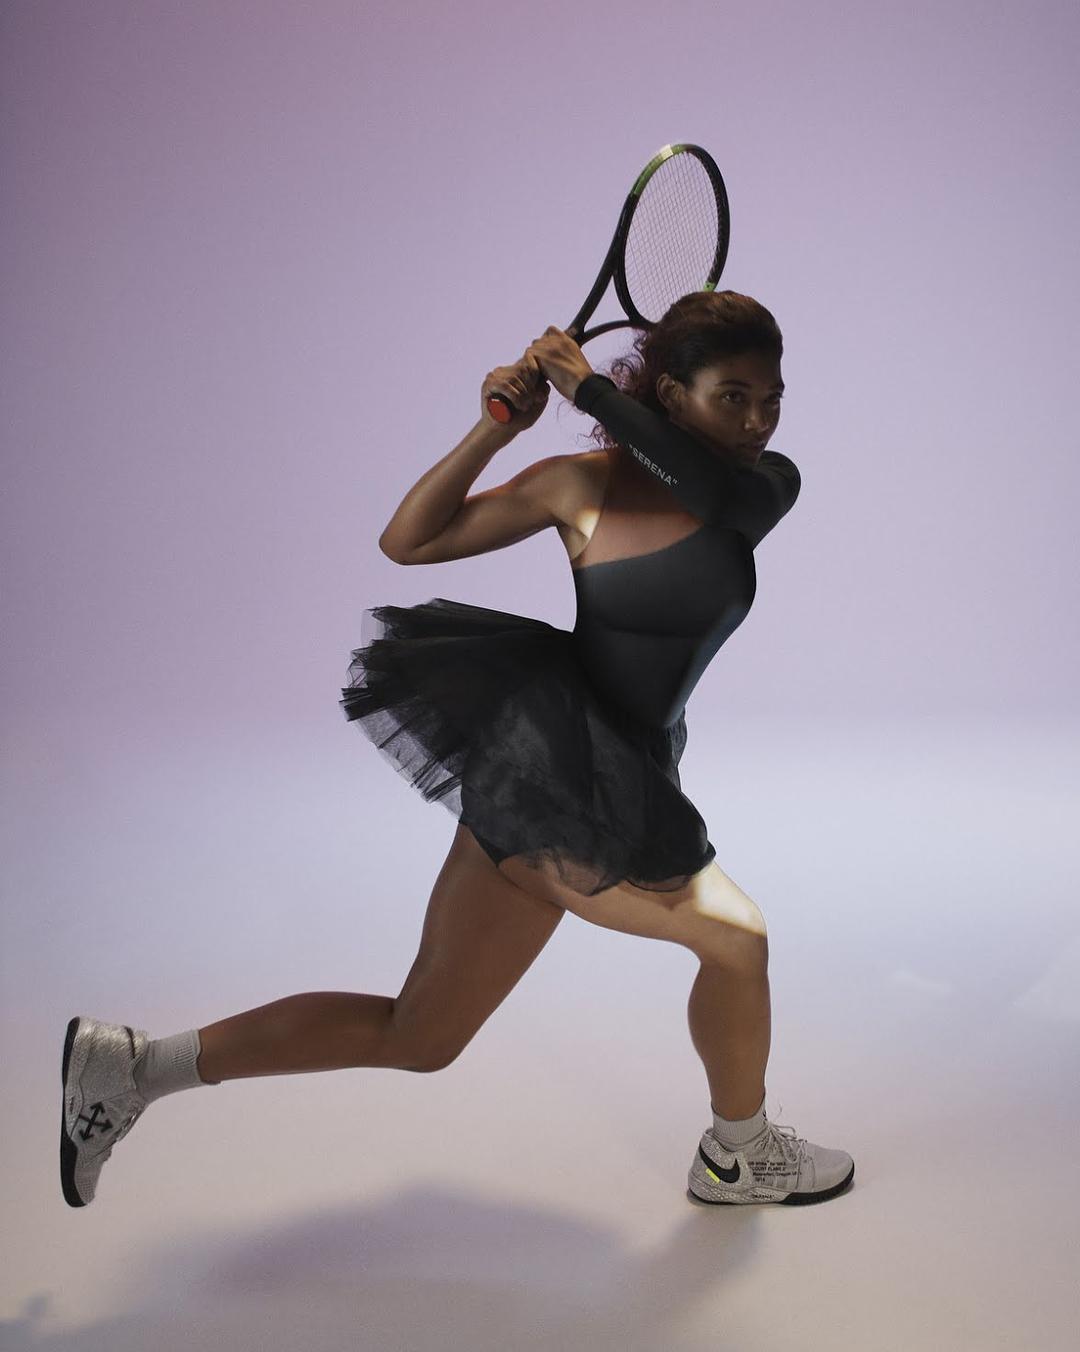 Серена Уильямс для Nike x Off-White коллекция Вирджила Абло